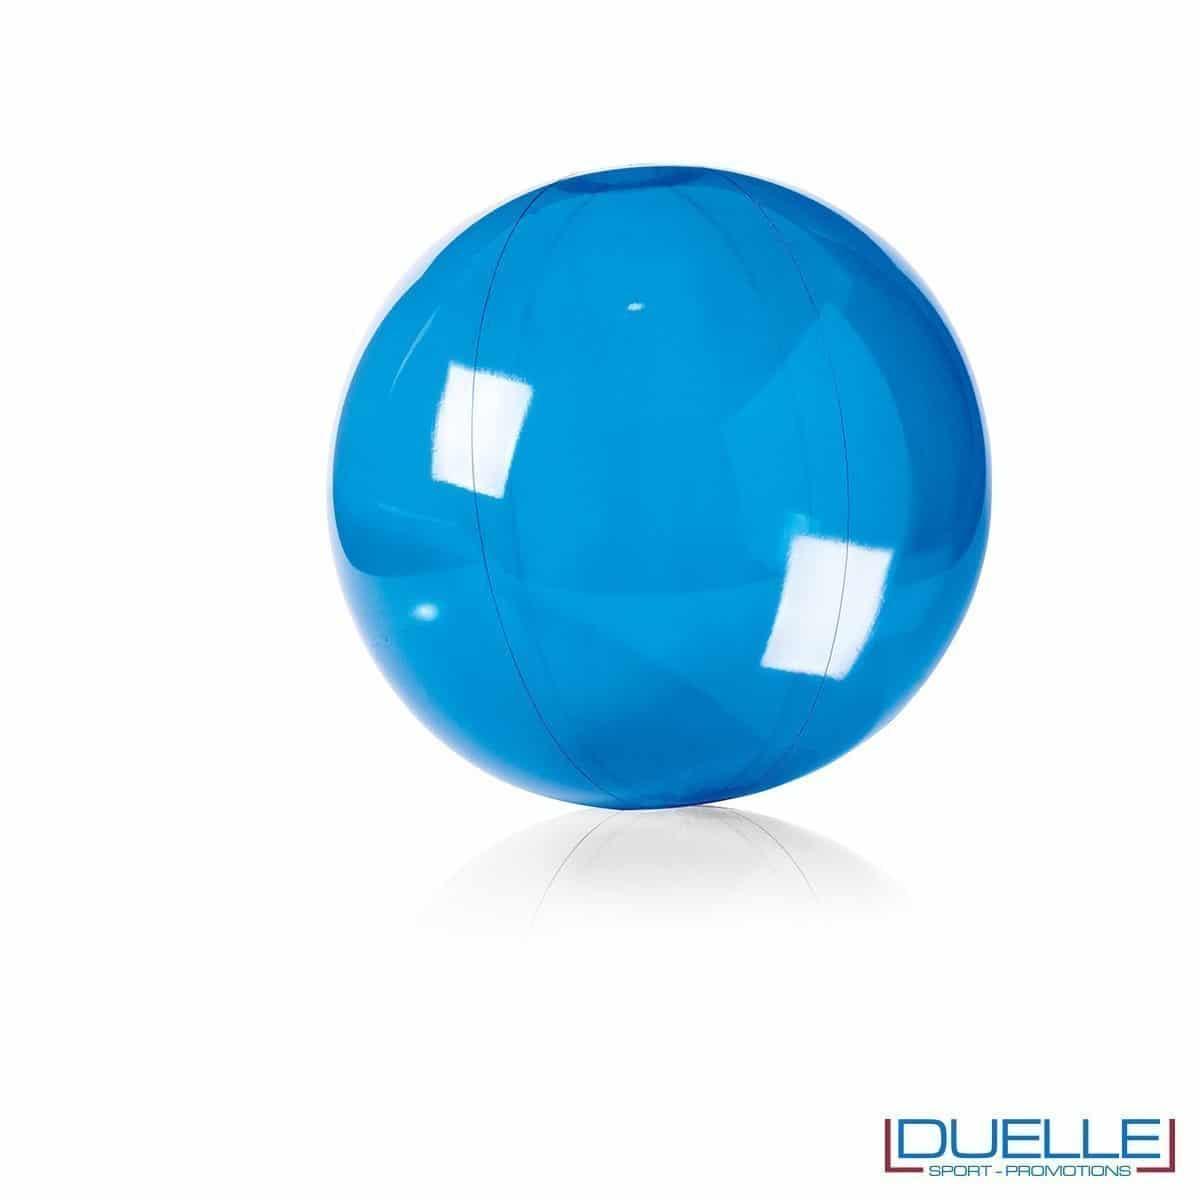 palla personalizzata mare blu, gadget da spiaggia, gadget promozionale estate